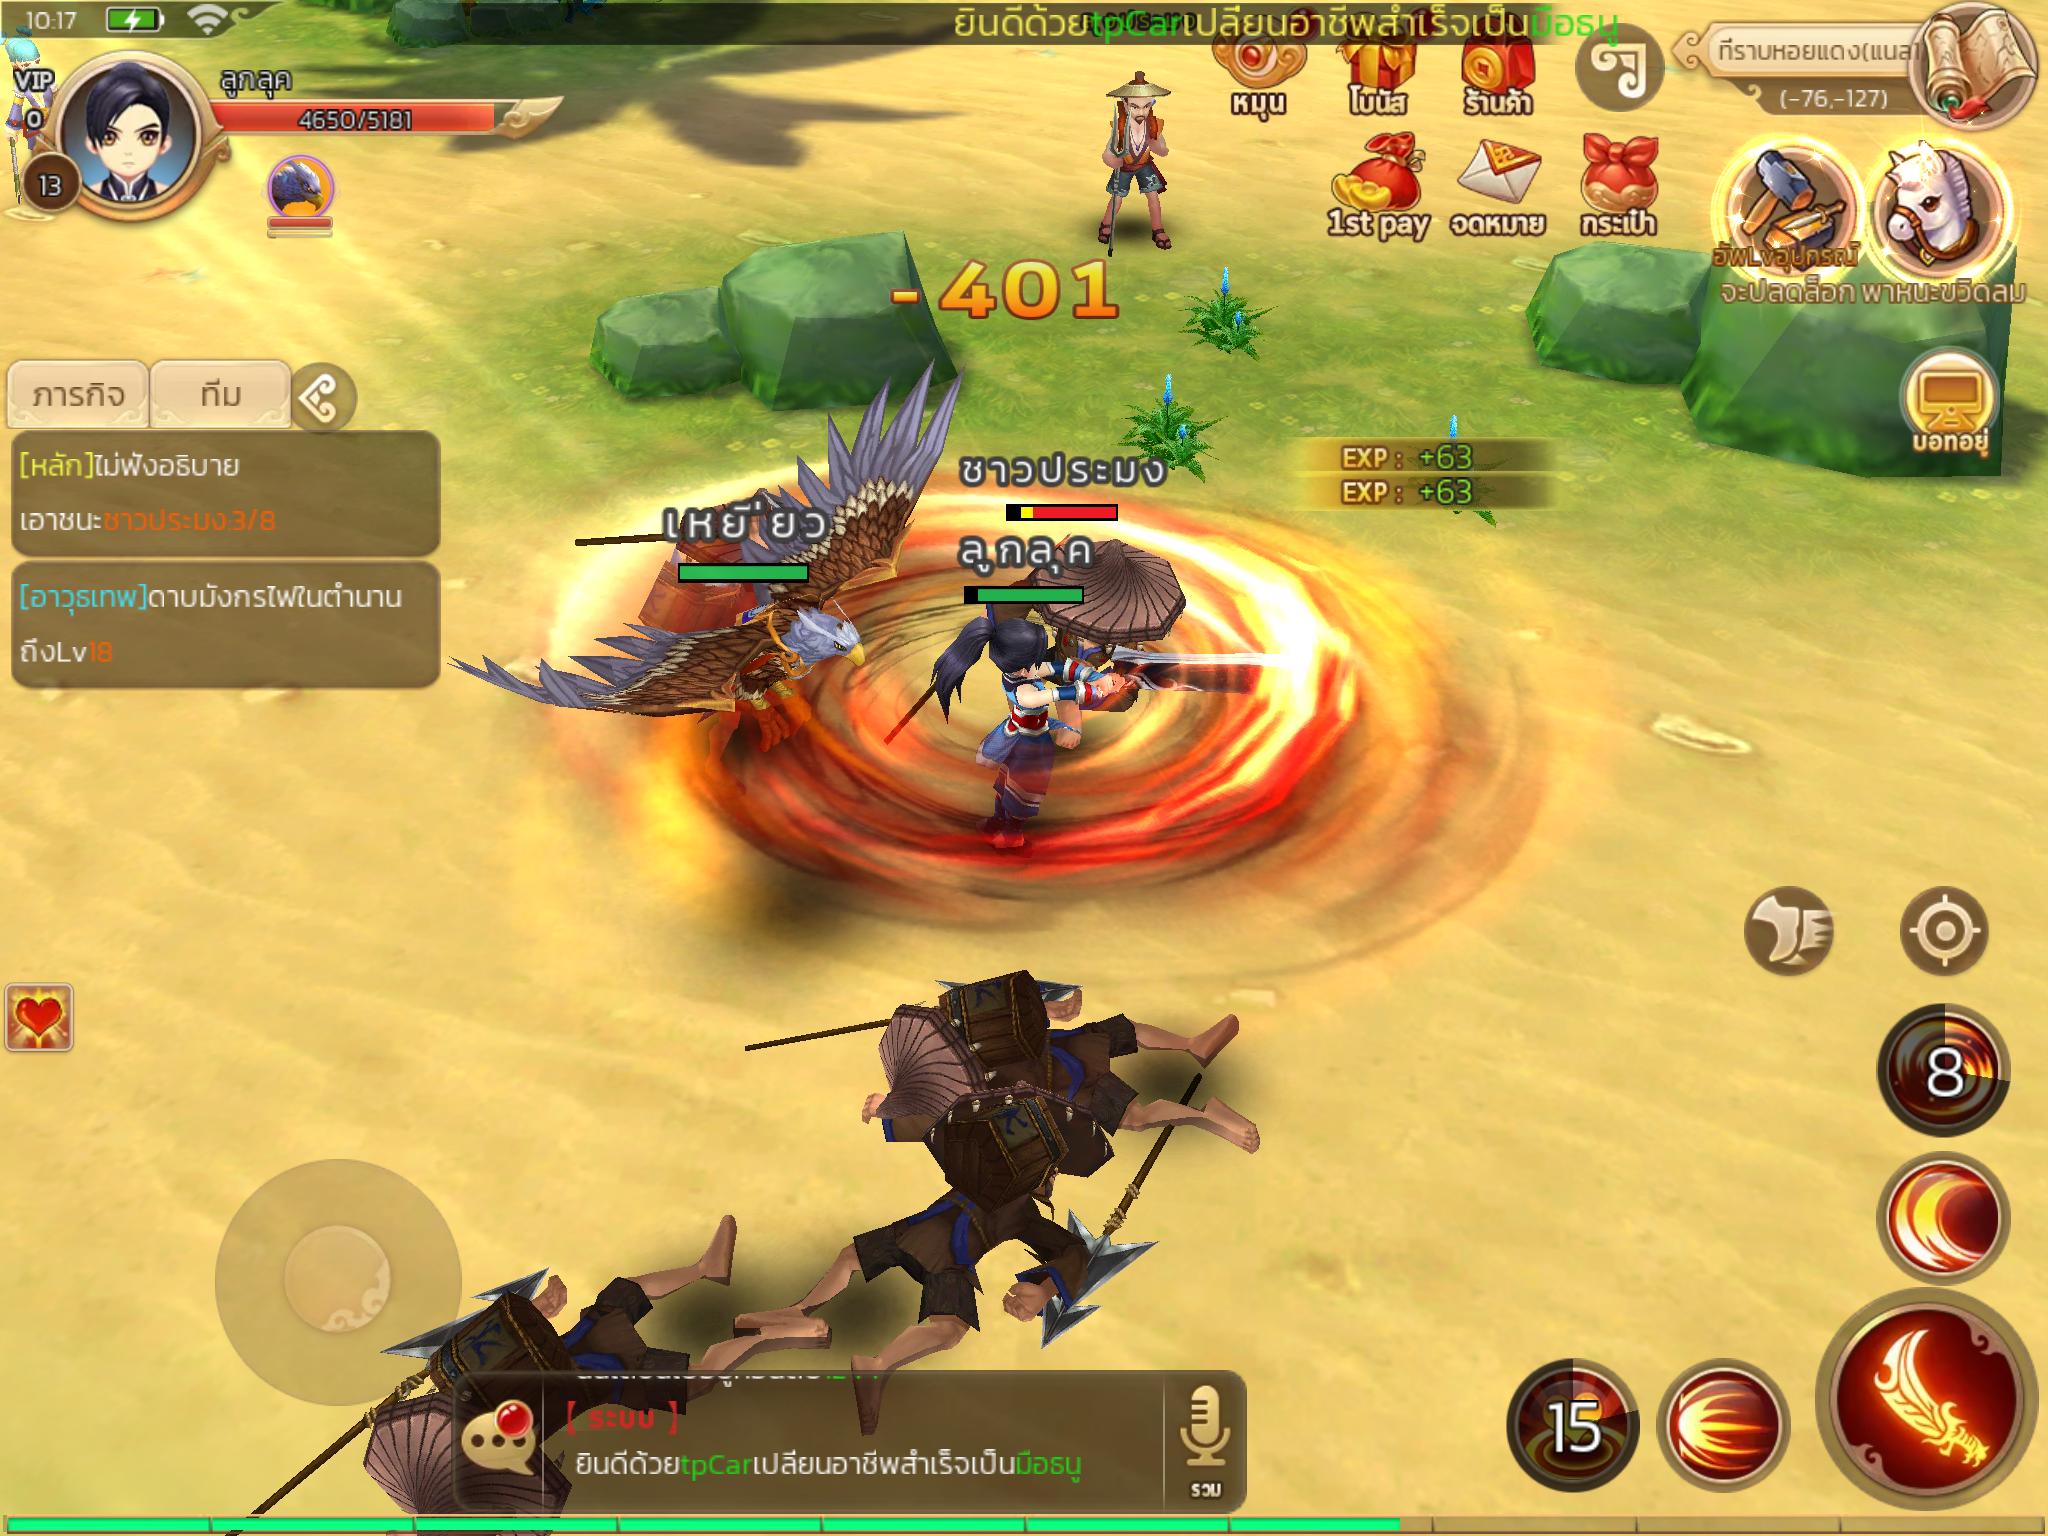 IMG_0028 เกมต่อสู้